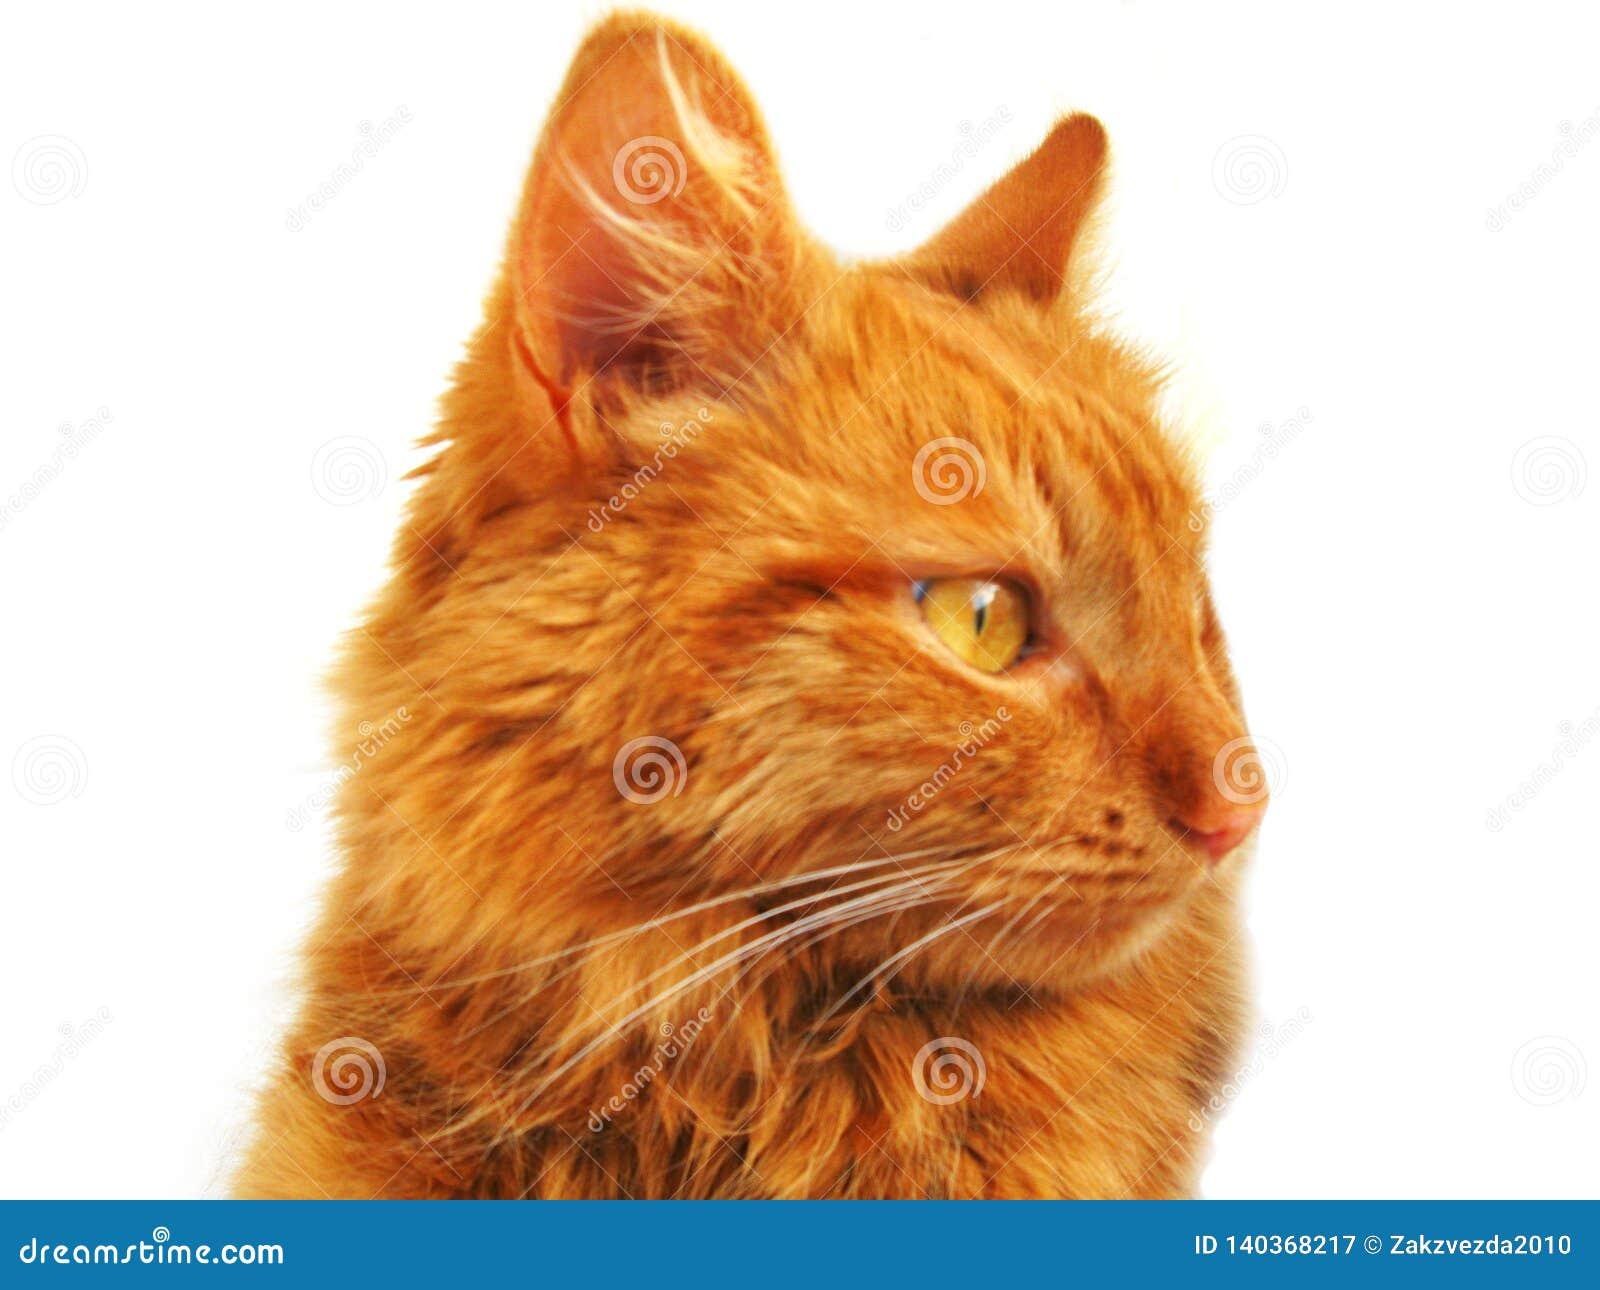 Sonnige orange Katze auf dem weißen Hintergrund